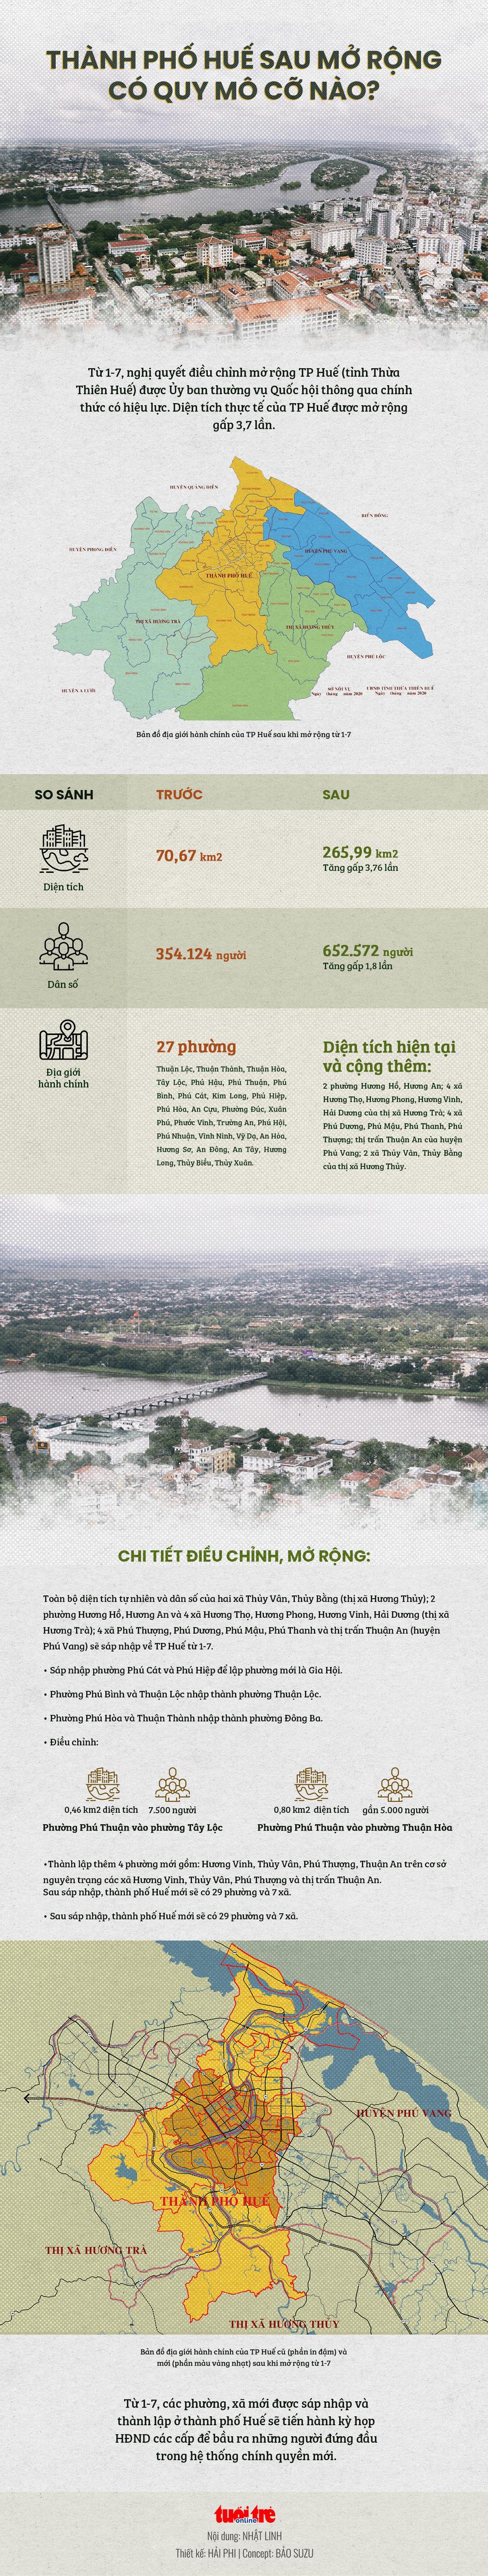 Toàn cảnh thành phố Huế sau mở rộng - Ảnh 1.